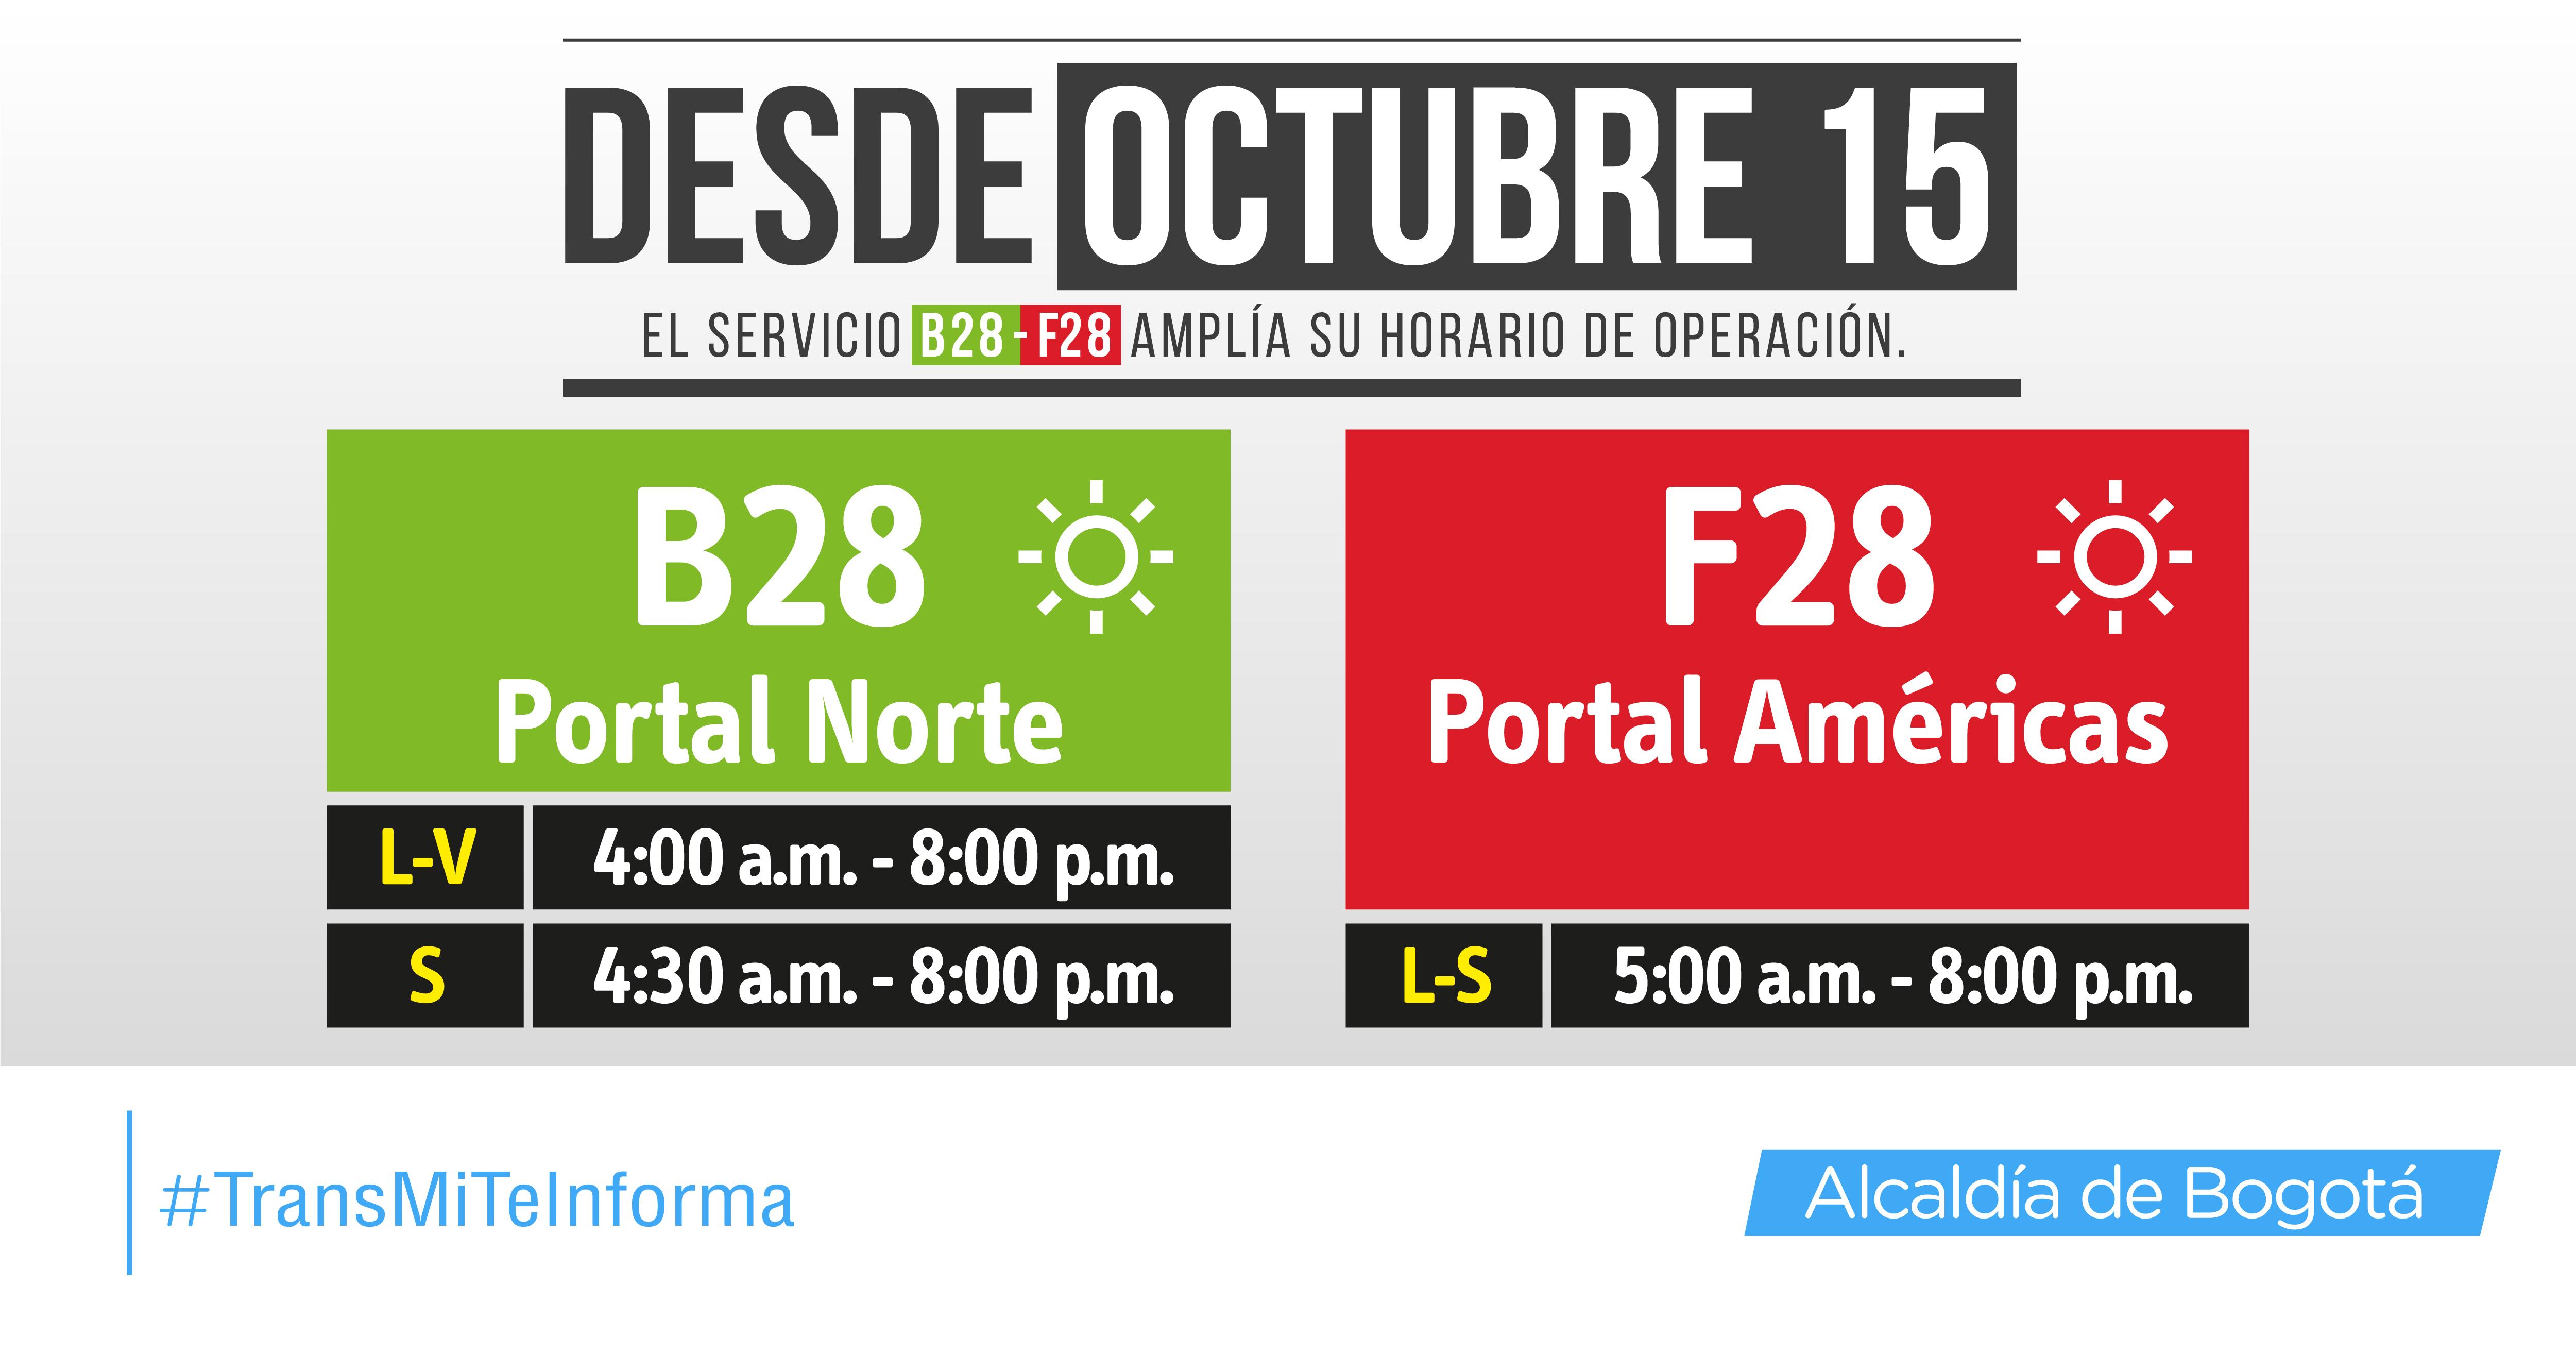 Nuevo horario de servicios torncales B28-F28